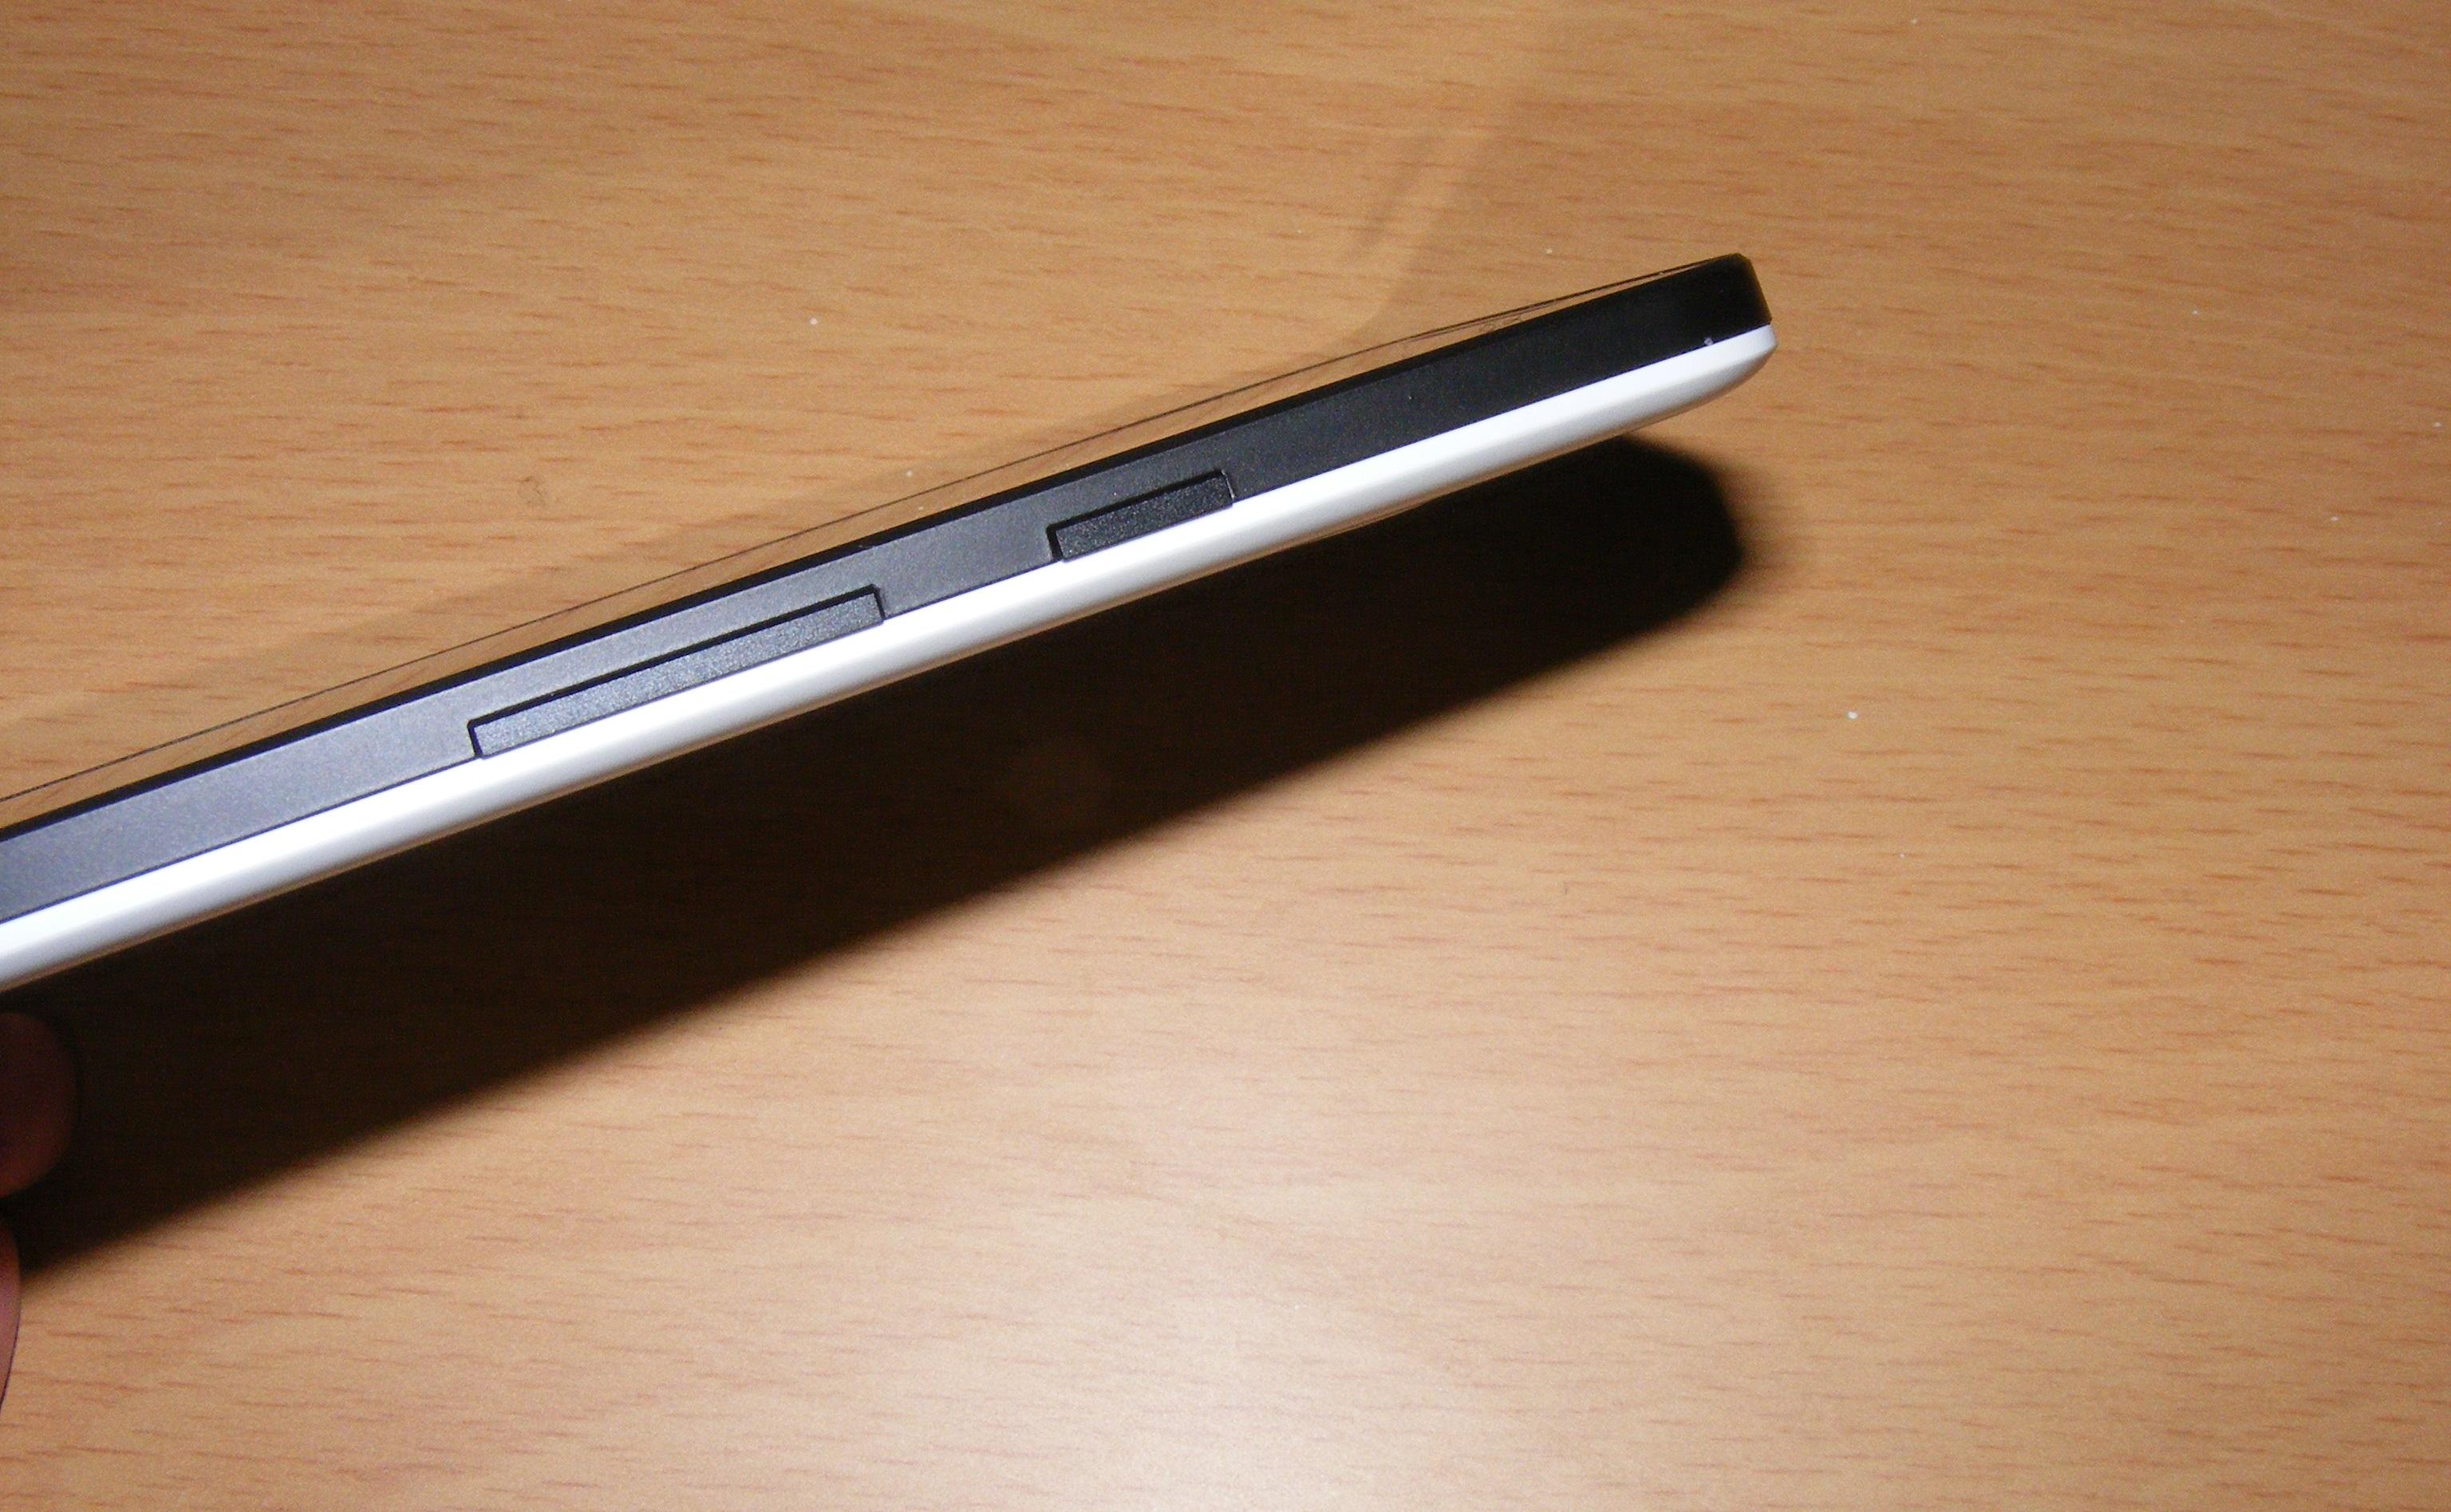 Nexus 5X buttons